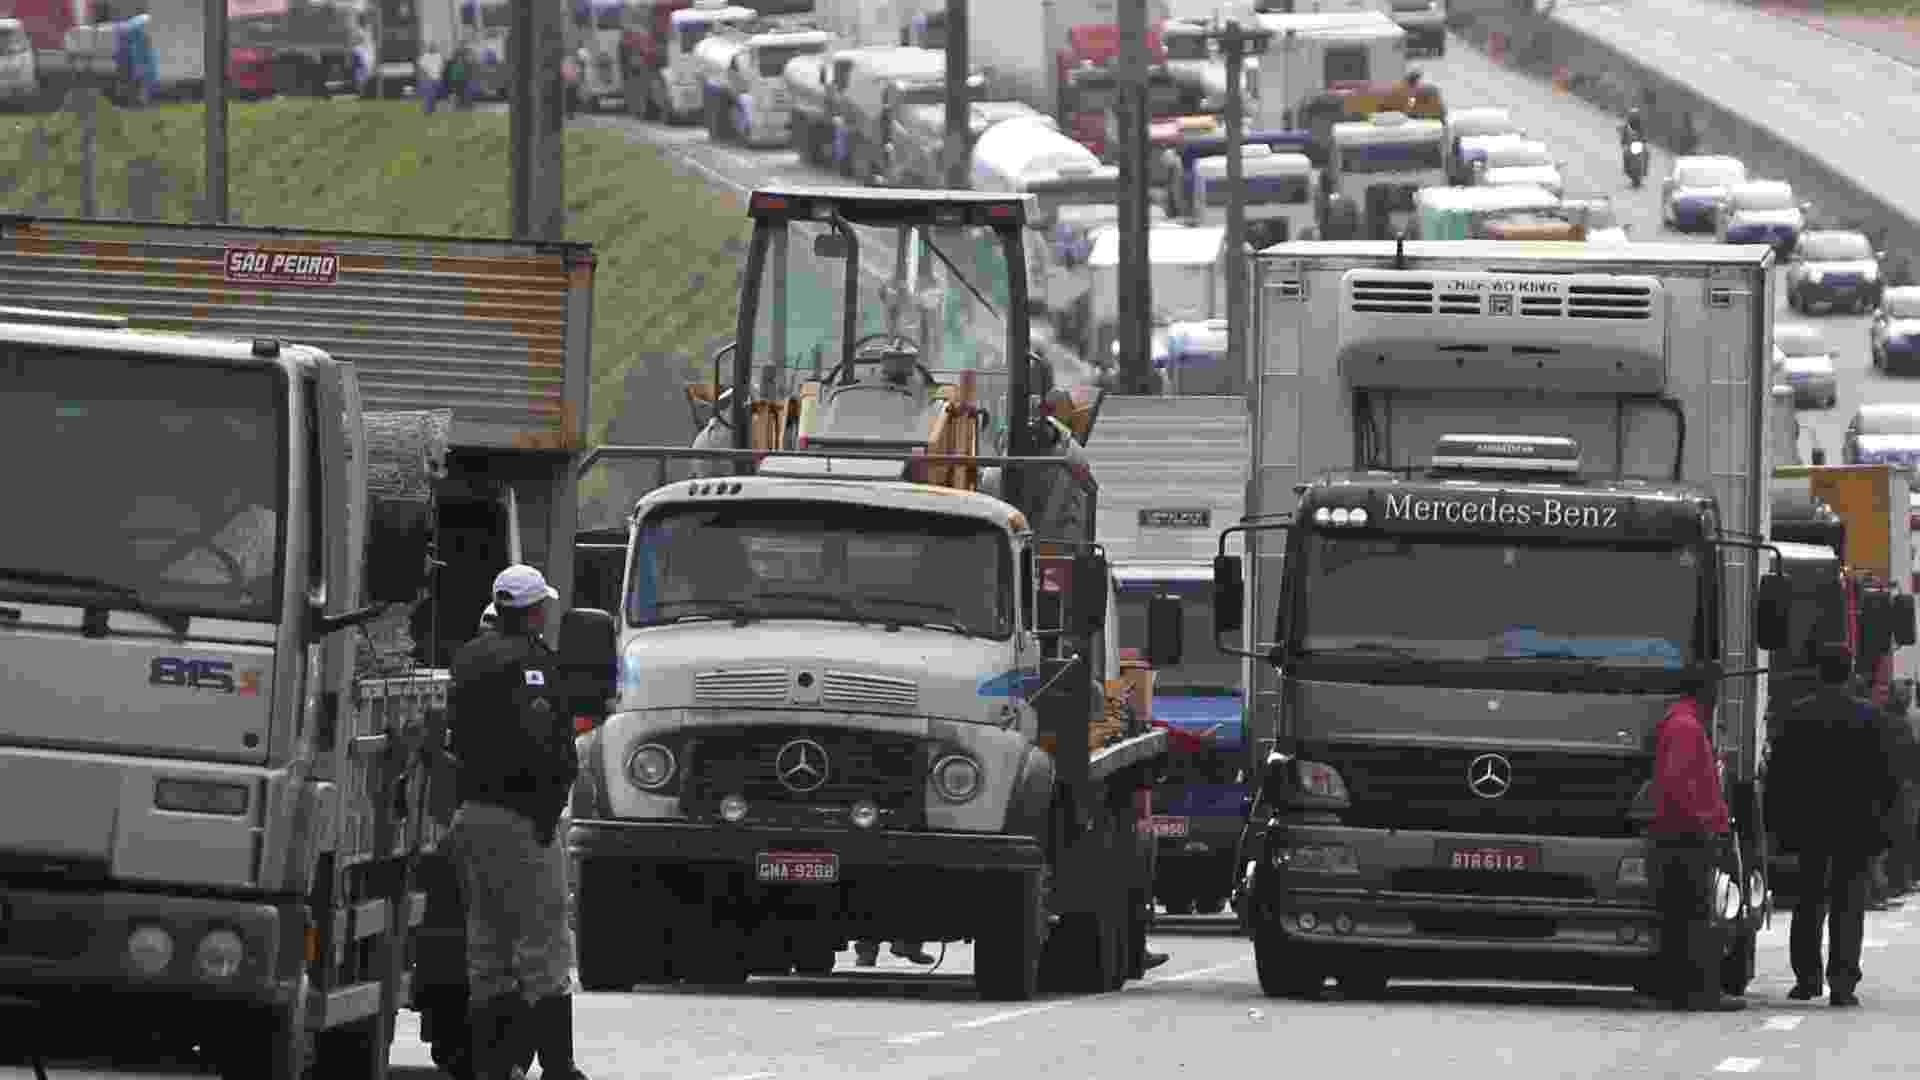 3.jul.2013 - Caminheiros interditam a BR-356 em Belo Horizonte (MG). Justiça Federal decidiu na terça (2) que a PRF (Polícia Rodoviária Federal) pode intervir e impedir que manifestações de caminhoneiros fechem rodovias - ALEX DE JESUS/O TEMPO/ESTADÃO CONTEÚDO